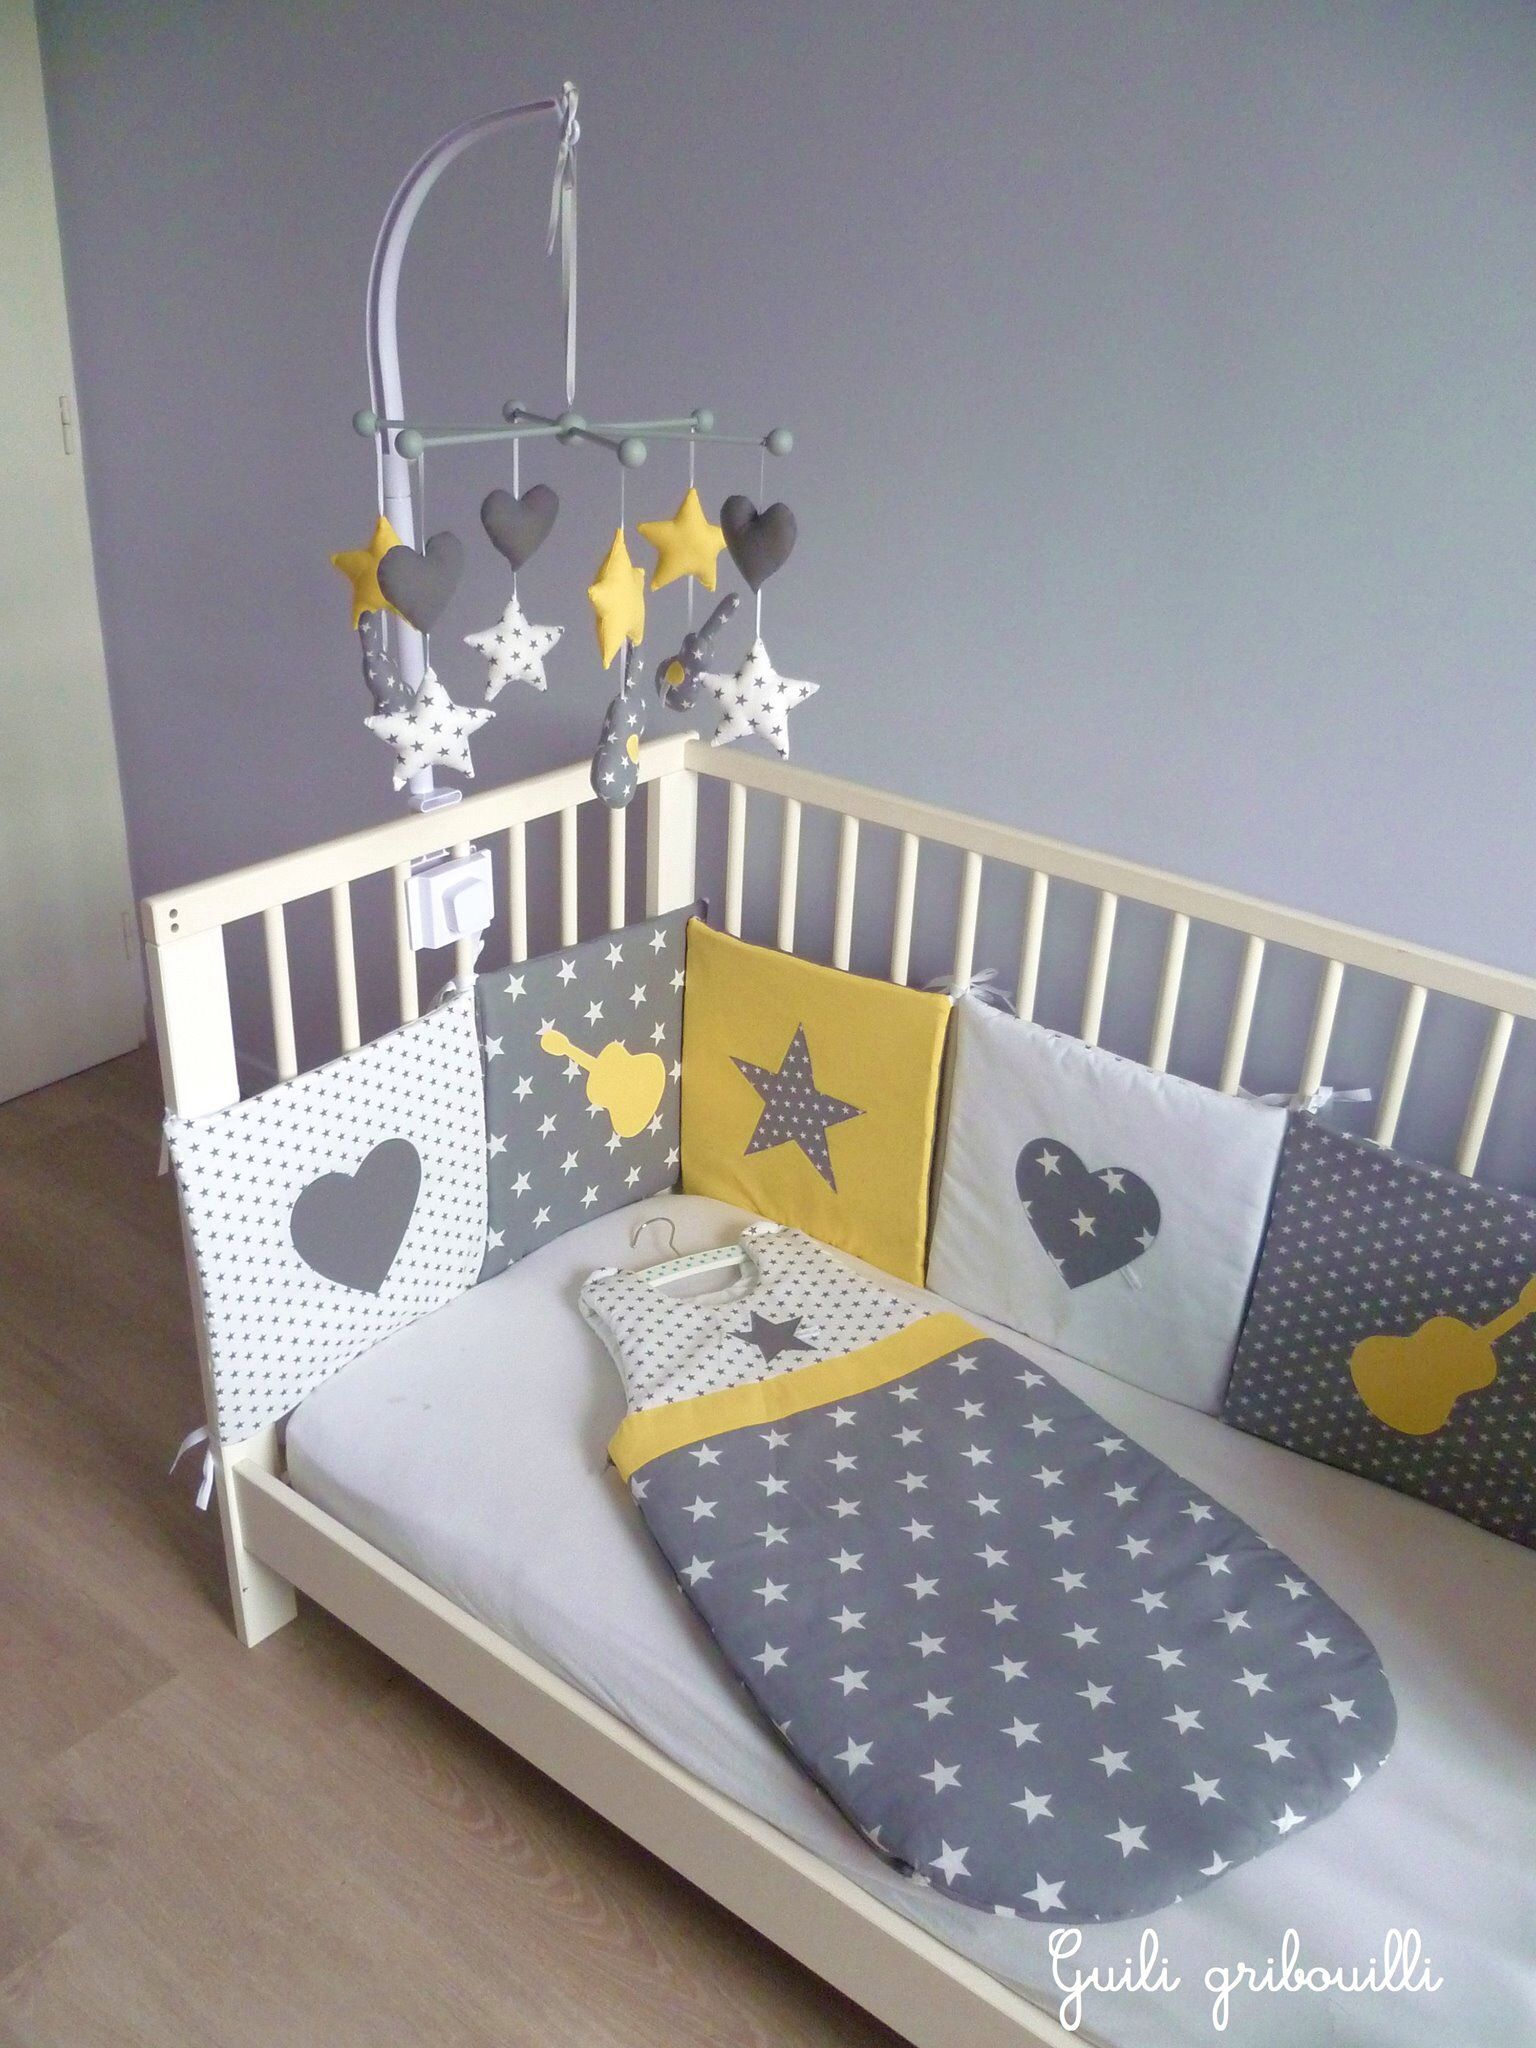 tour de lit gigoteuse mobile pour la chambre de notre fils cr ation guili gribouilli th me. Black Bedroom Furniture Sets. Home Design Ideas